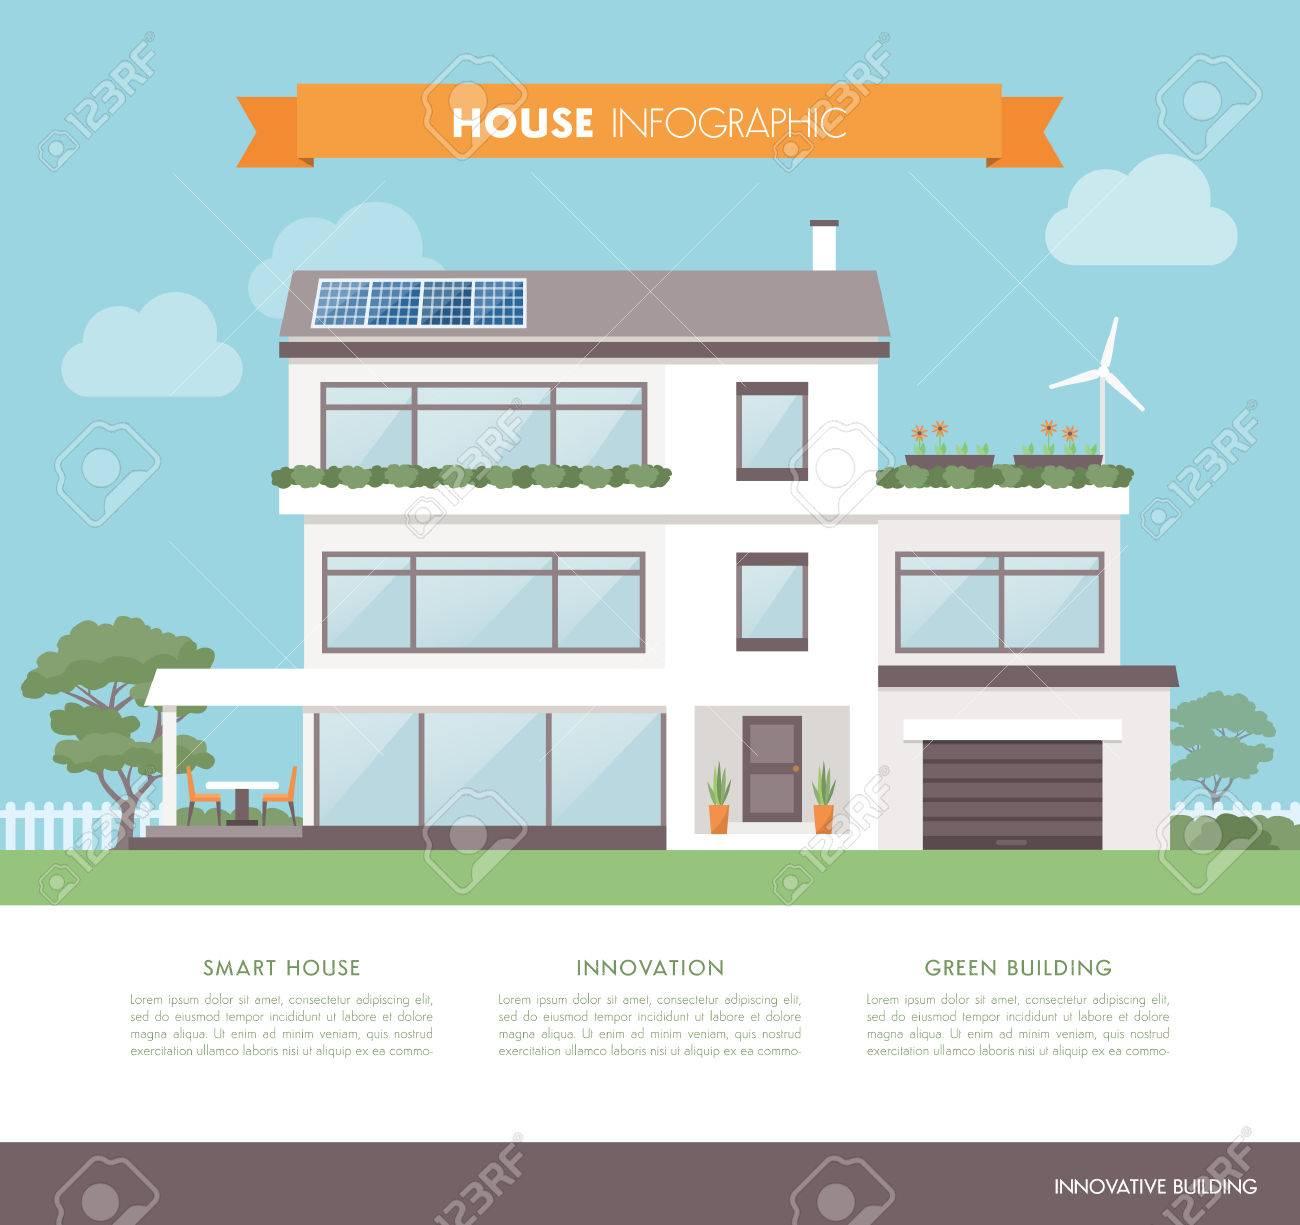 Moderne Öko Haus Mit Sonnenkollektoren, Windgenerator Und Garten,  Architektur Und Nachhaltigkeit Konzept Standard